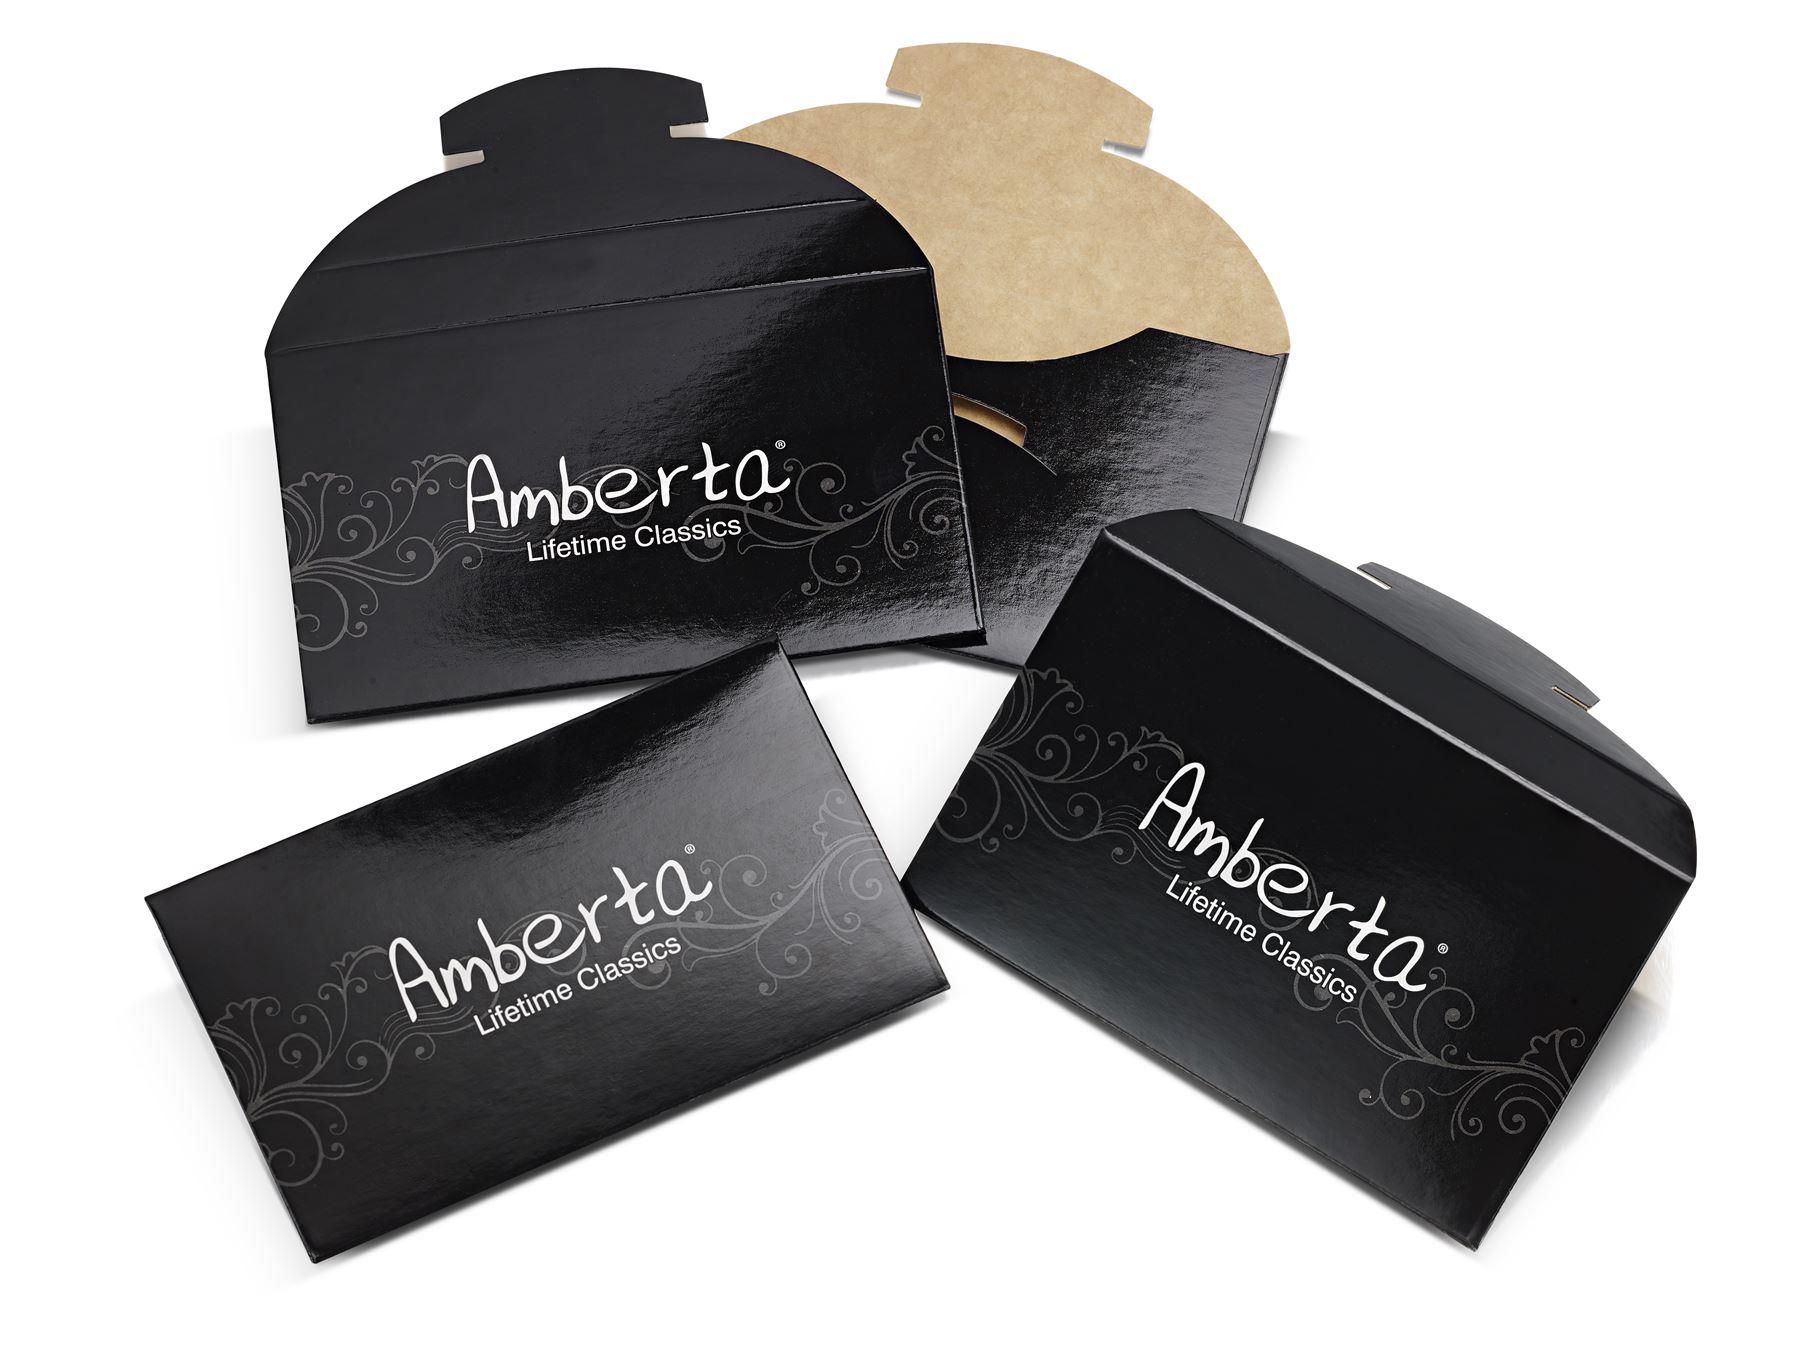 Amberta-Bijoux-Bracelet-en-Vrai-Argent-Sterling-925-Chaine-pour-Femme-a-la-Mode thumbnail 46